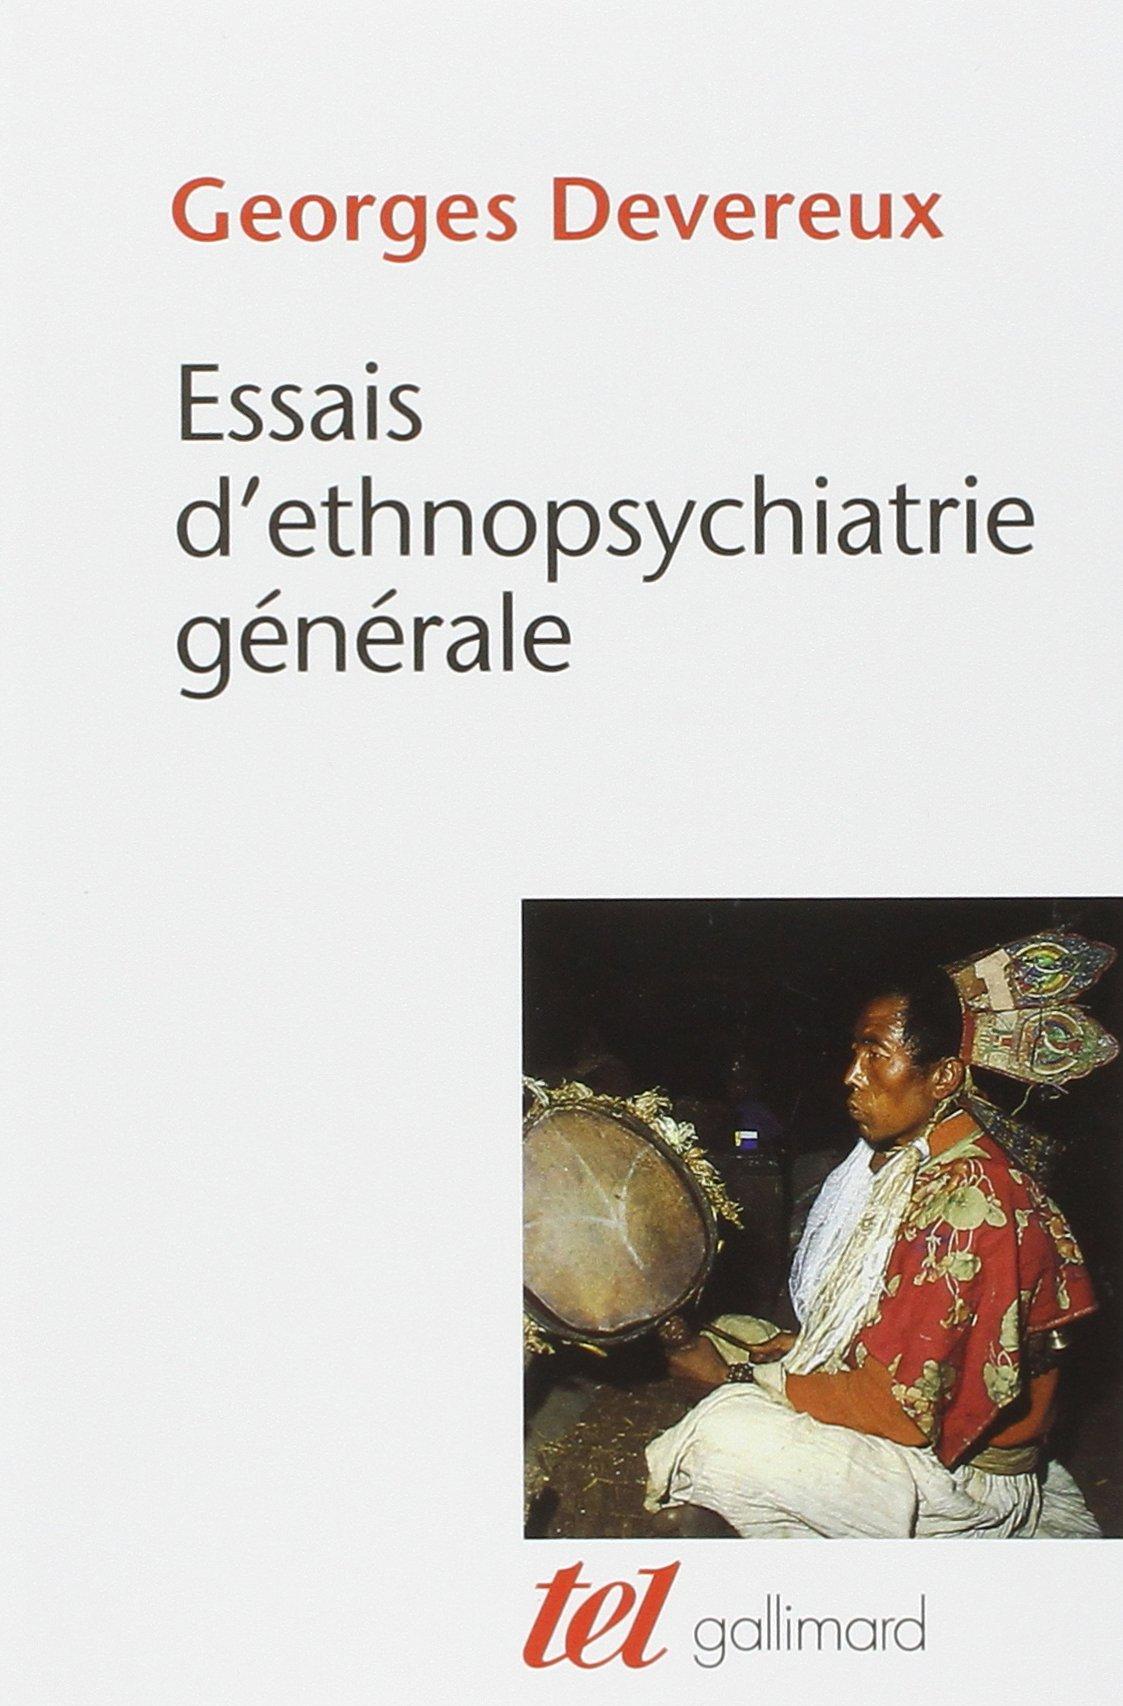 Essais d'ethnopsychiatrie générale Poche – 22 septembre 1983 Georges Devereux Roger Bastide Henri Gobard Tina Jolas